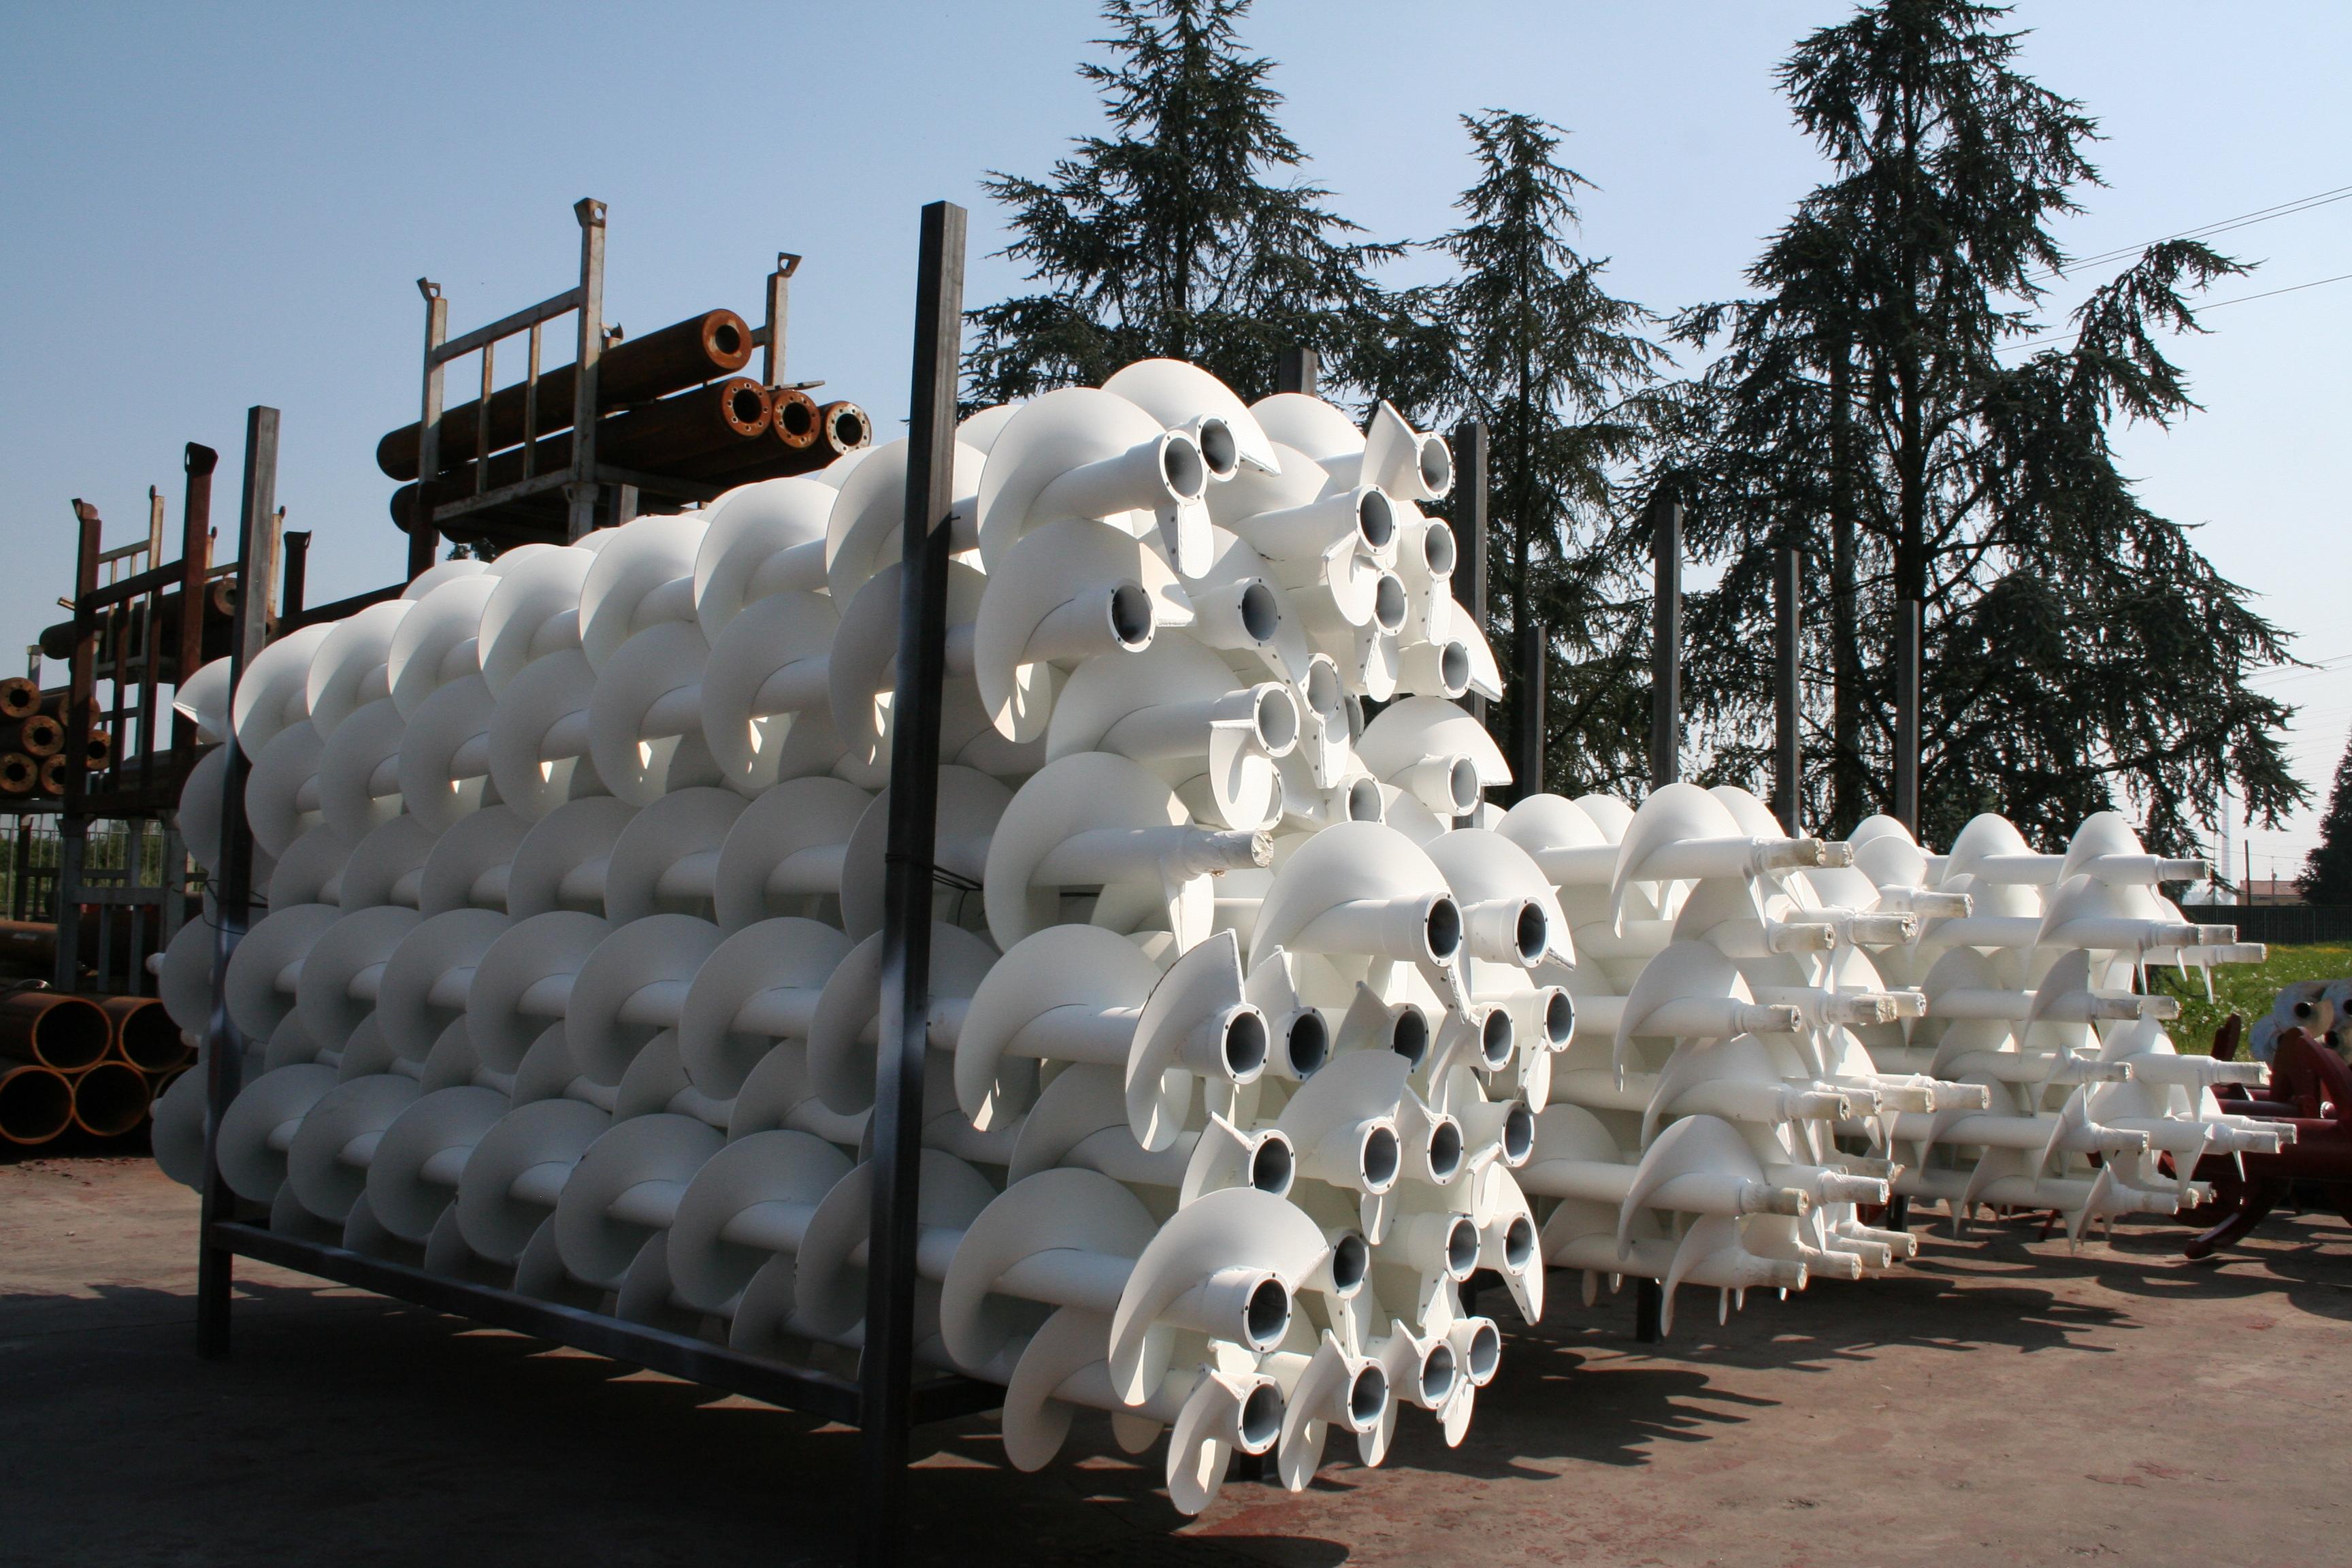 Шнековые транспортеры pofer srl, италия - ооо империя - асфальтобетонные заводы, шнековые транспортеры pofer srl италия, промышленные фильтры очистки воздуха